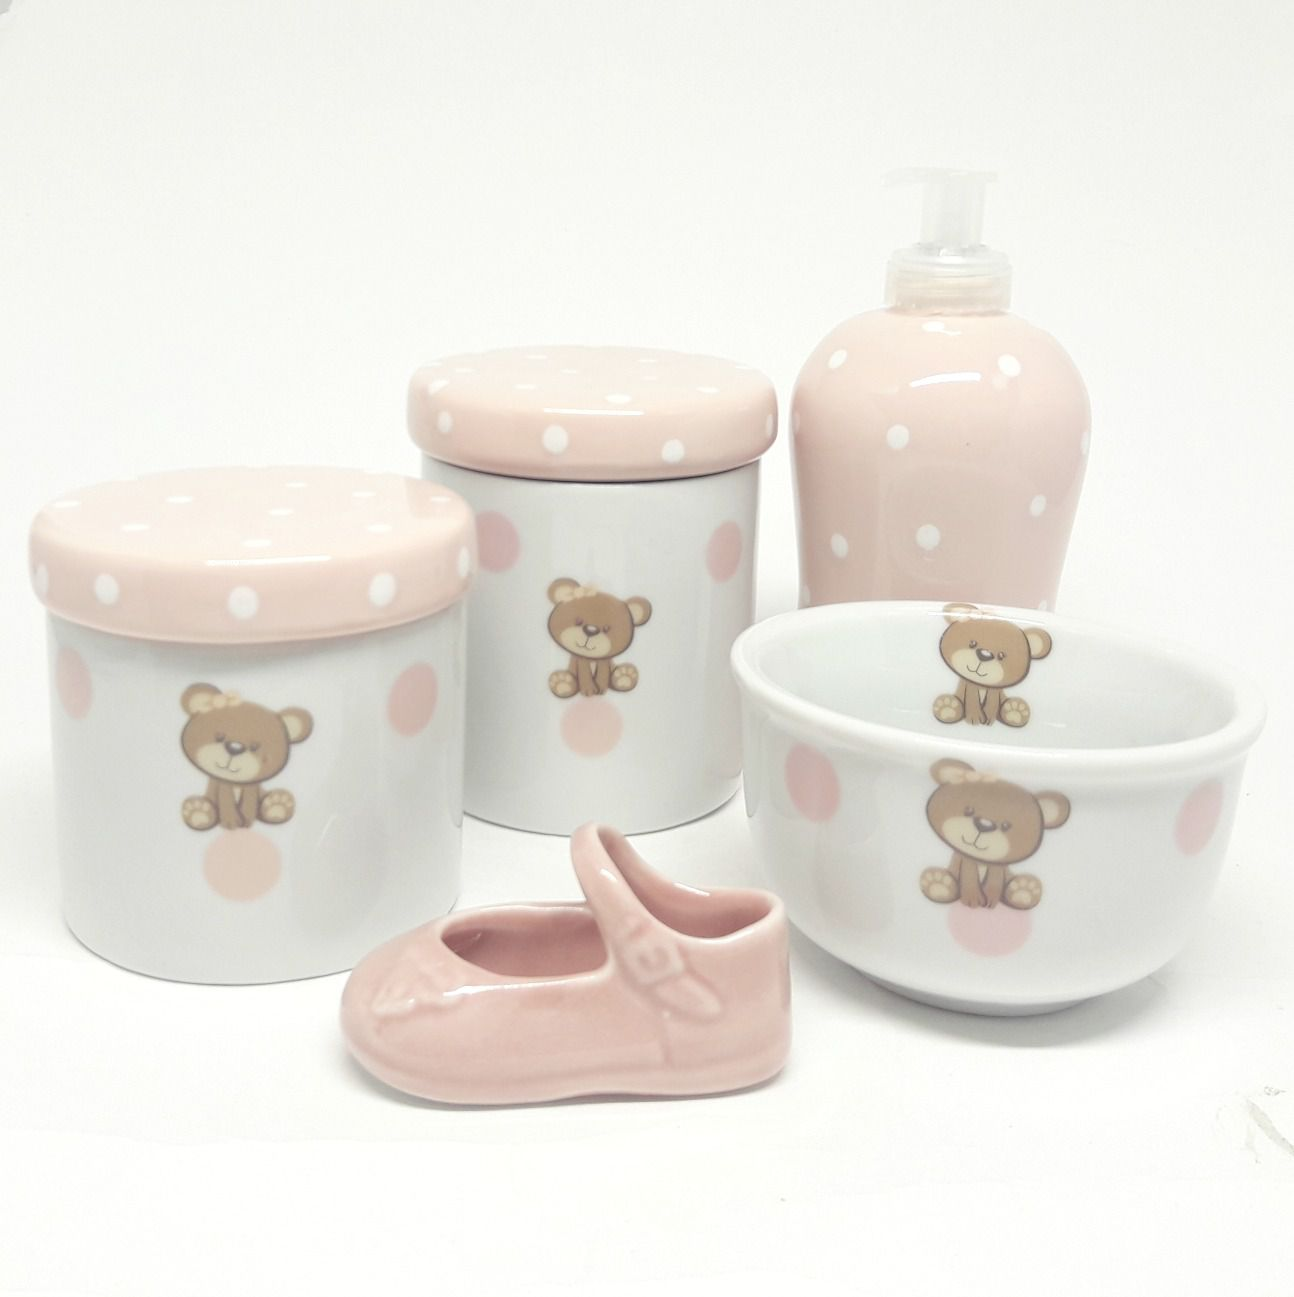 Kit Higiene Bebê Porcelana Ursa/ Ursinha com poá |4 peças